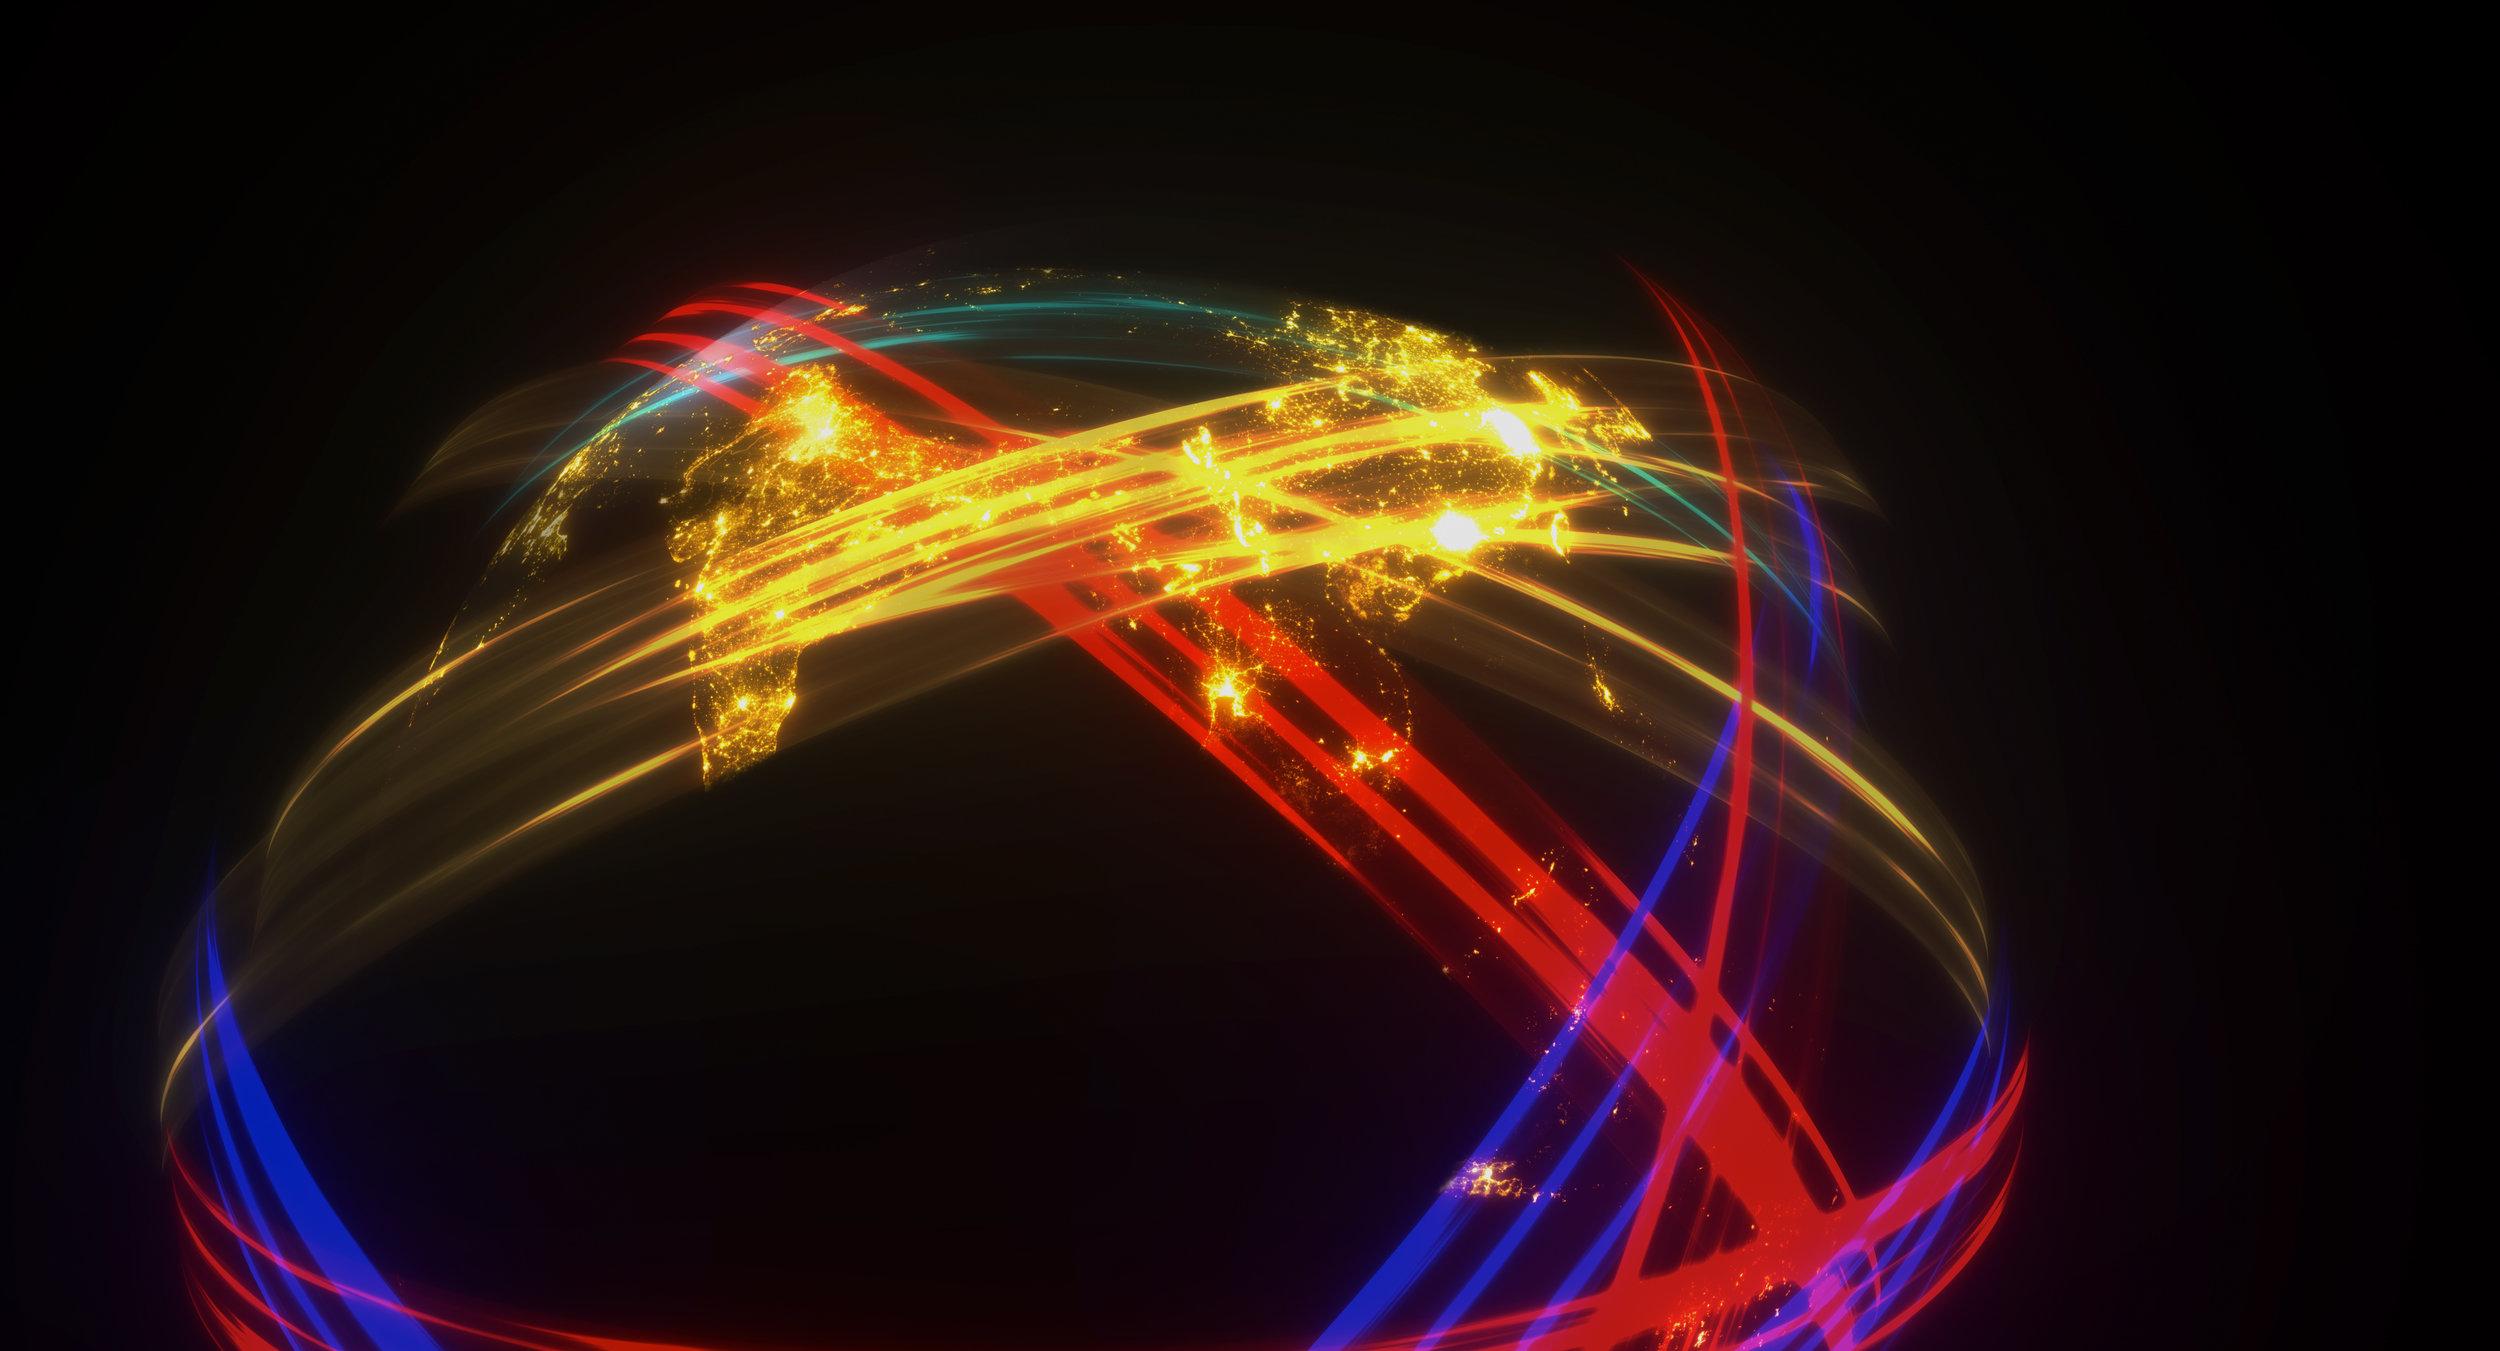 Global_Road_Frame__0006_Layer 3.jpg